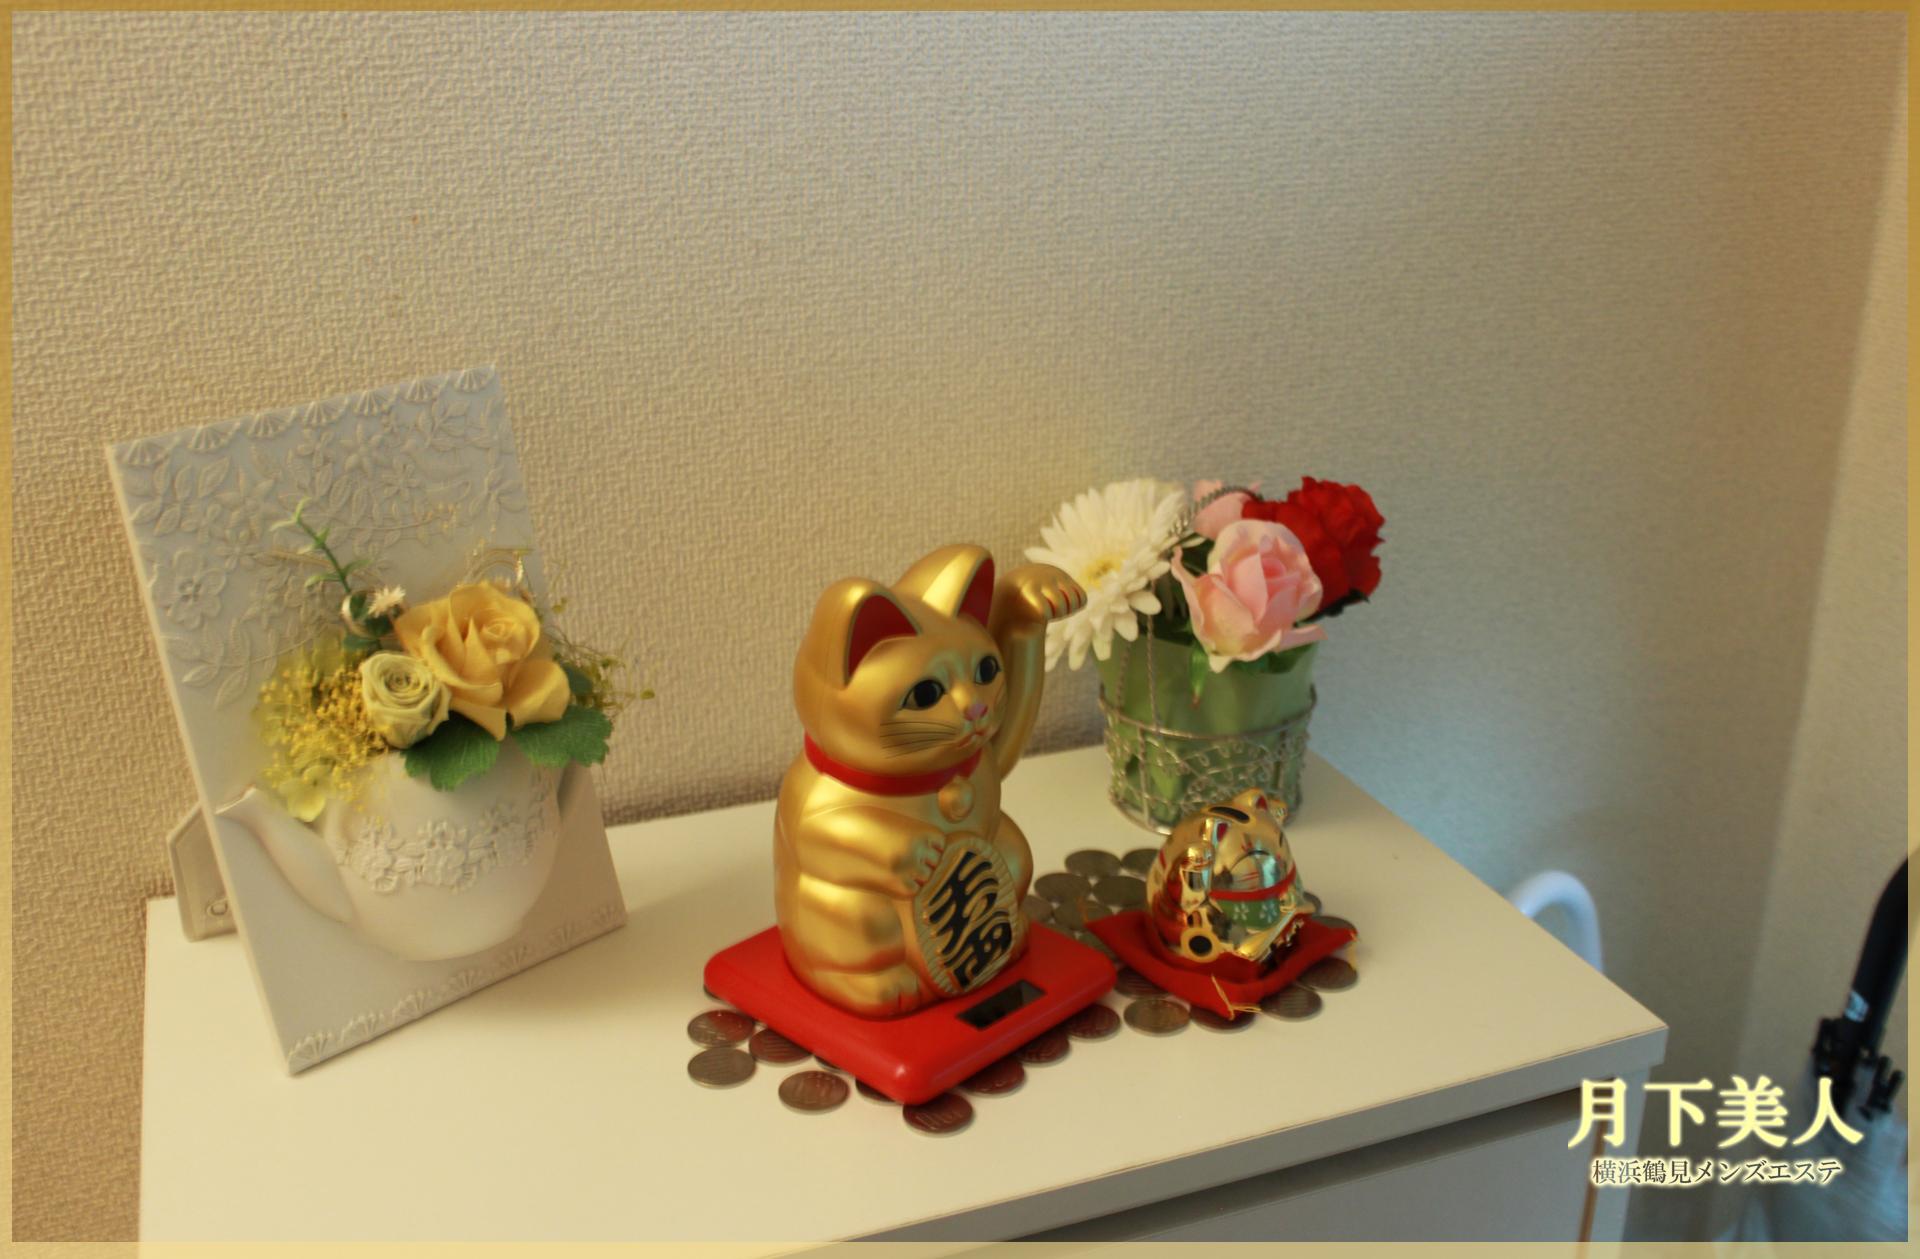 お客様とサロンに福があるように願った黄金のネコ(招き猫)